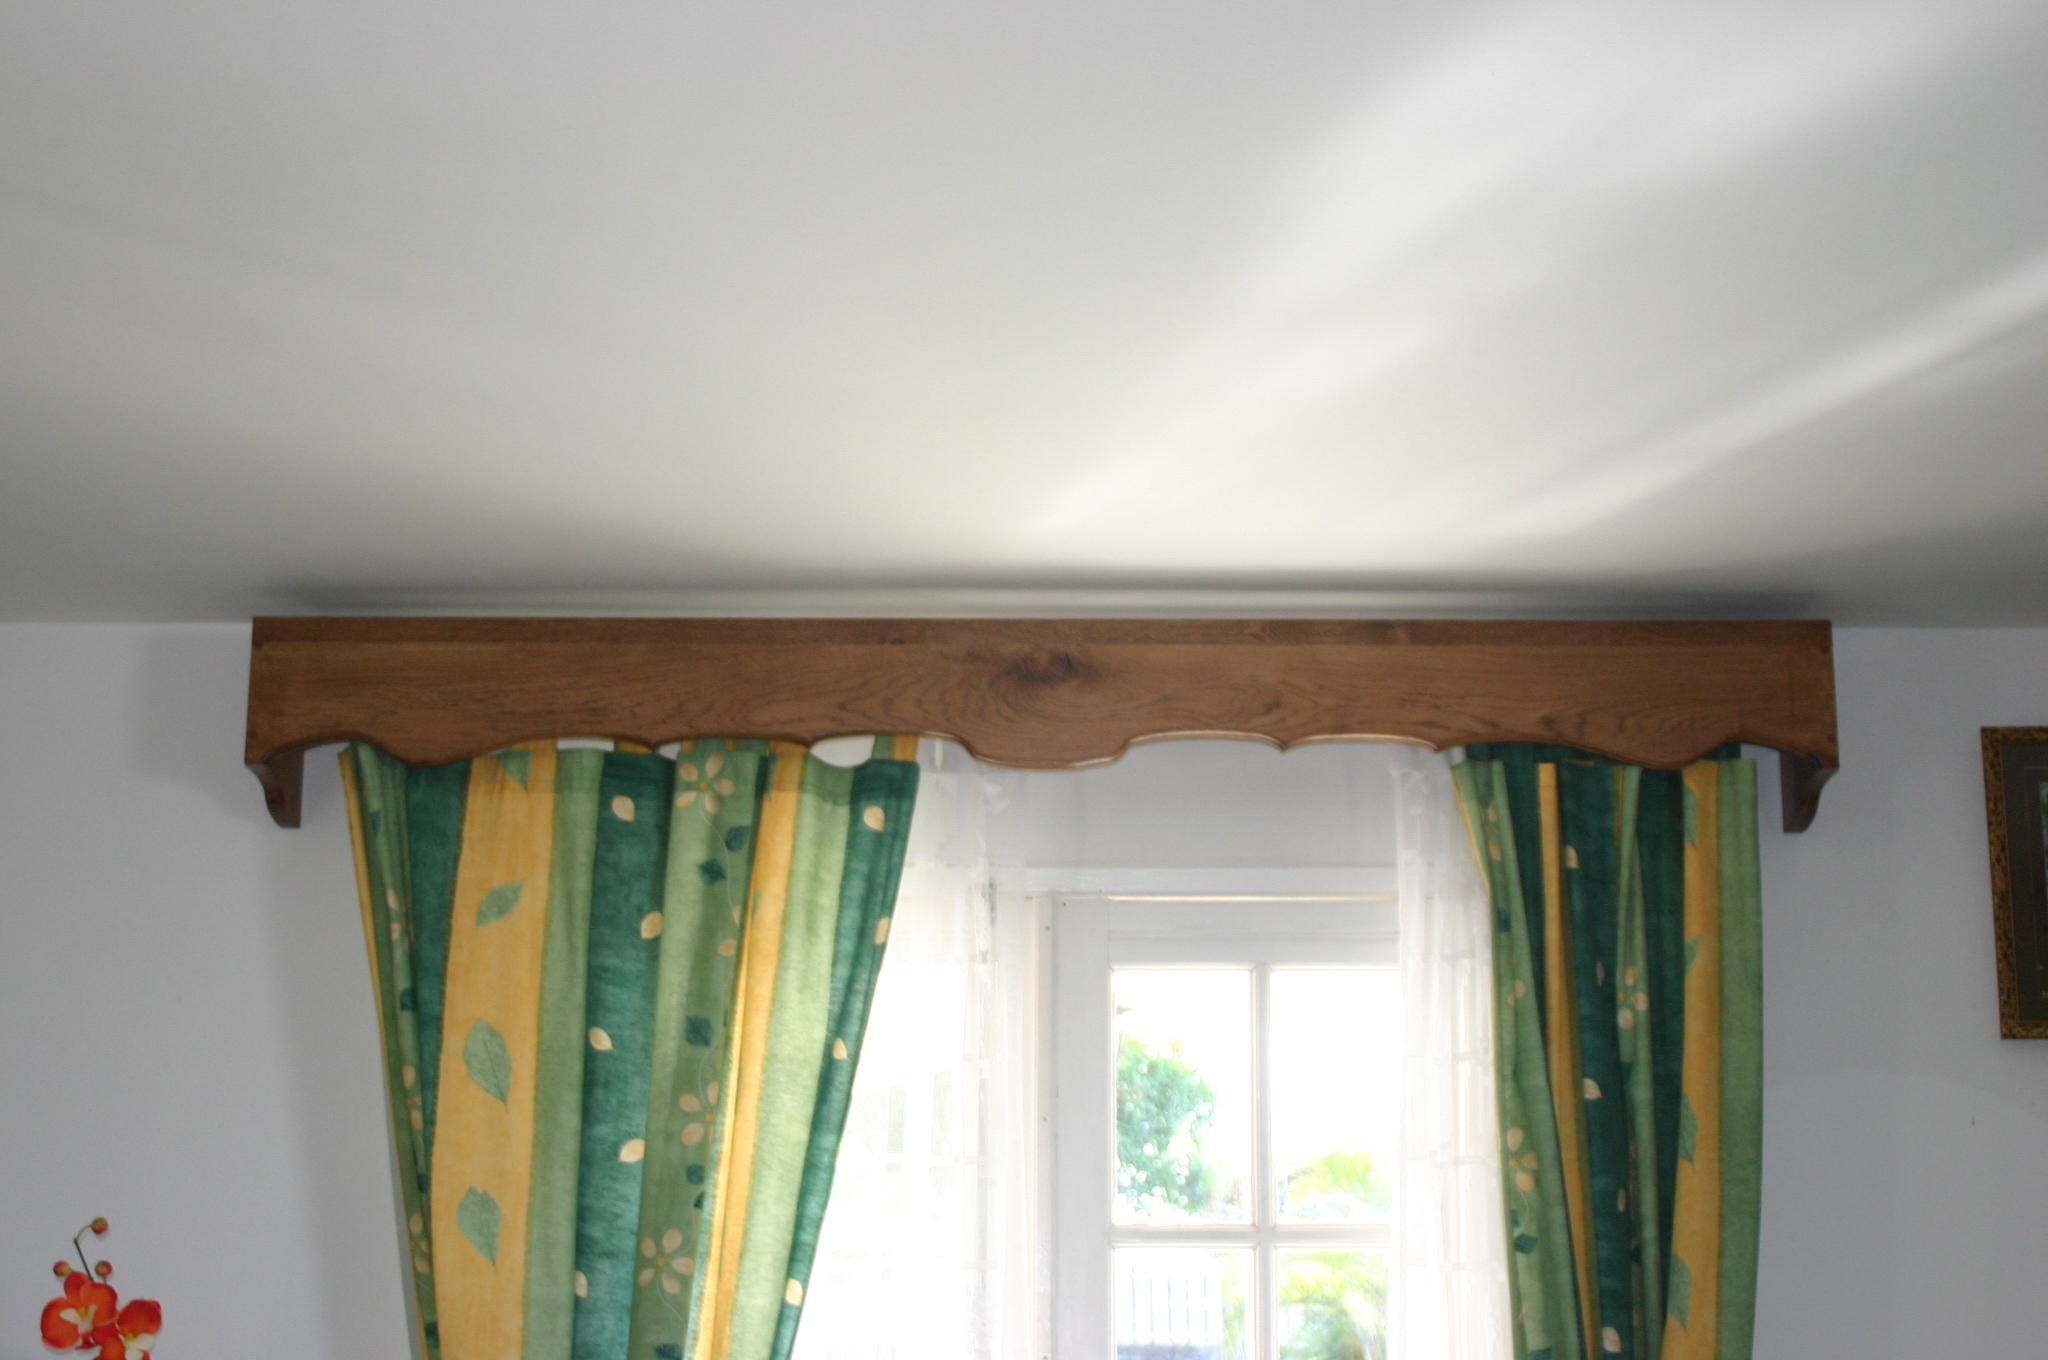 les caches rideaux rideaux de salon modele rideau salon moderne simplicit beige lin coton. Black Bedroom Furniture Sets. Home Design Ideas